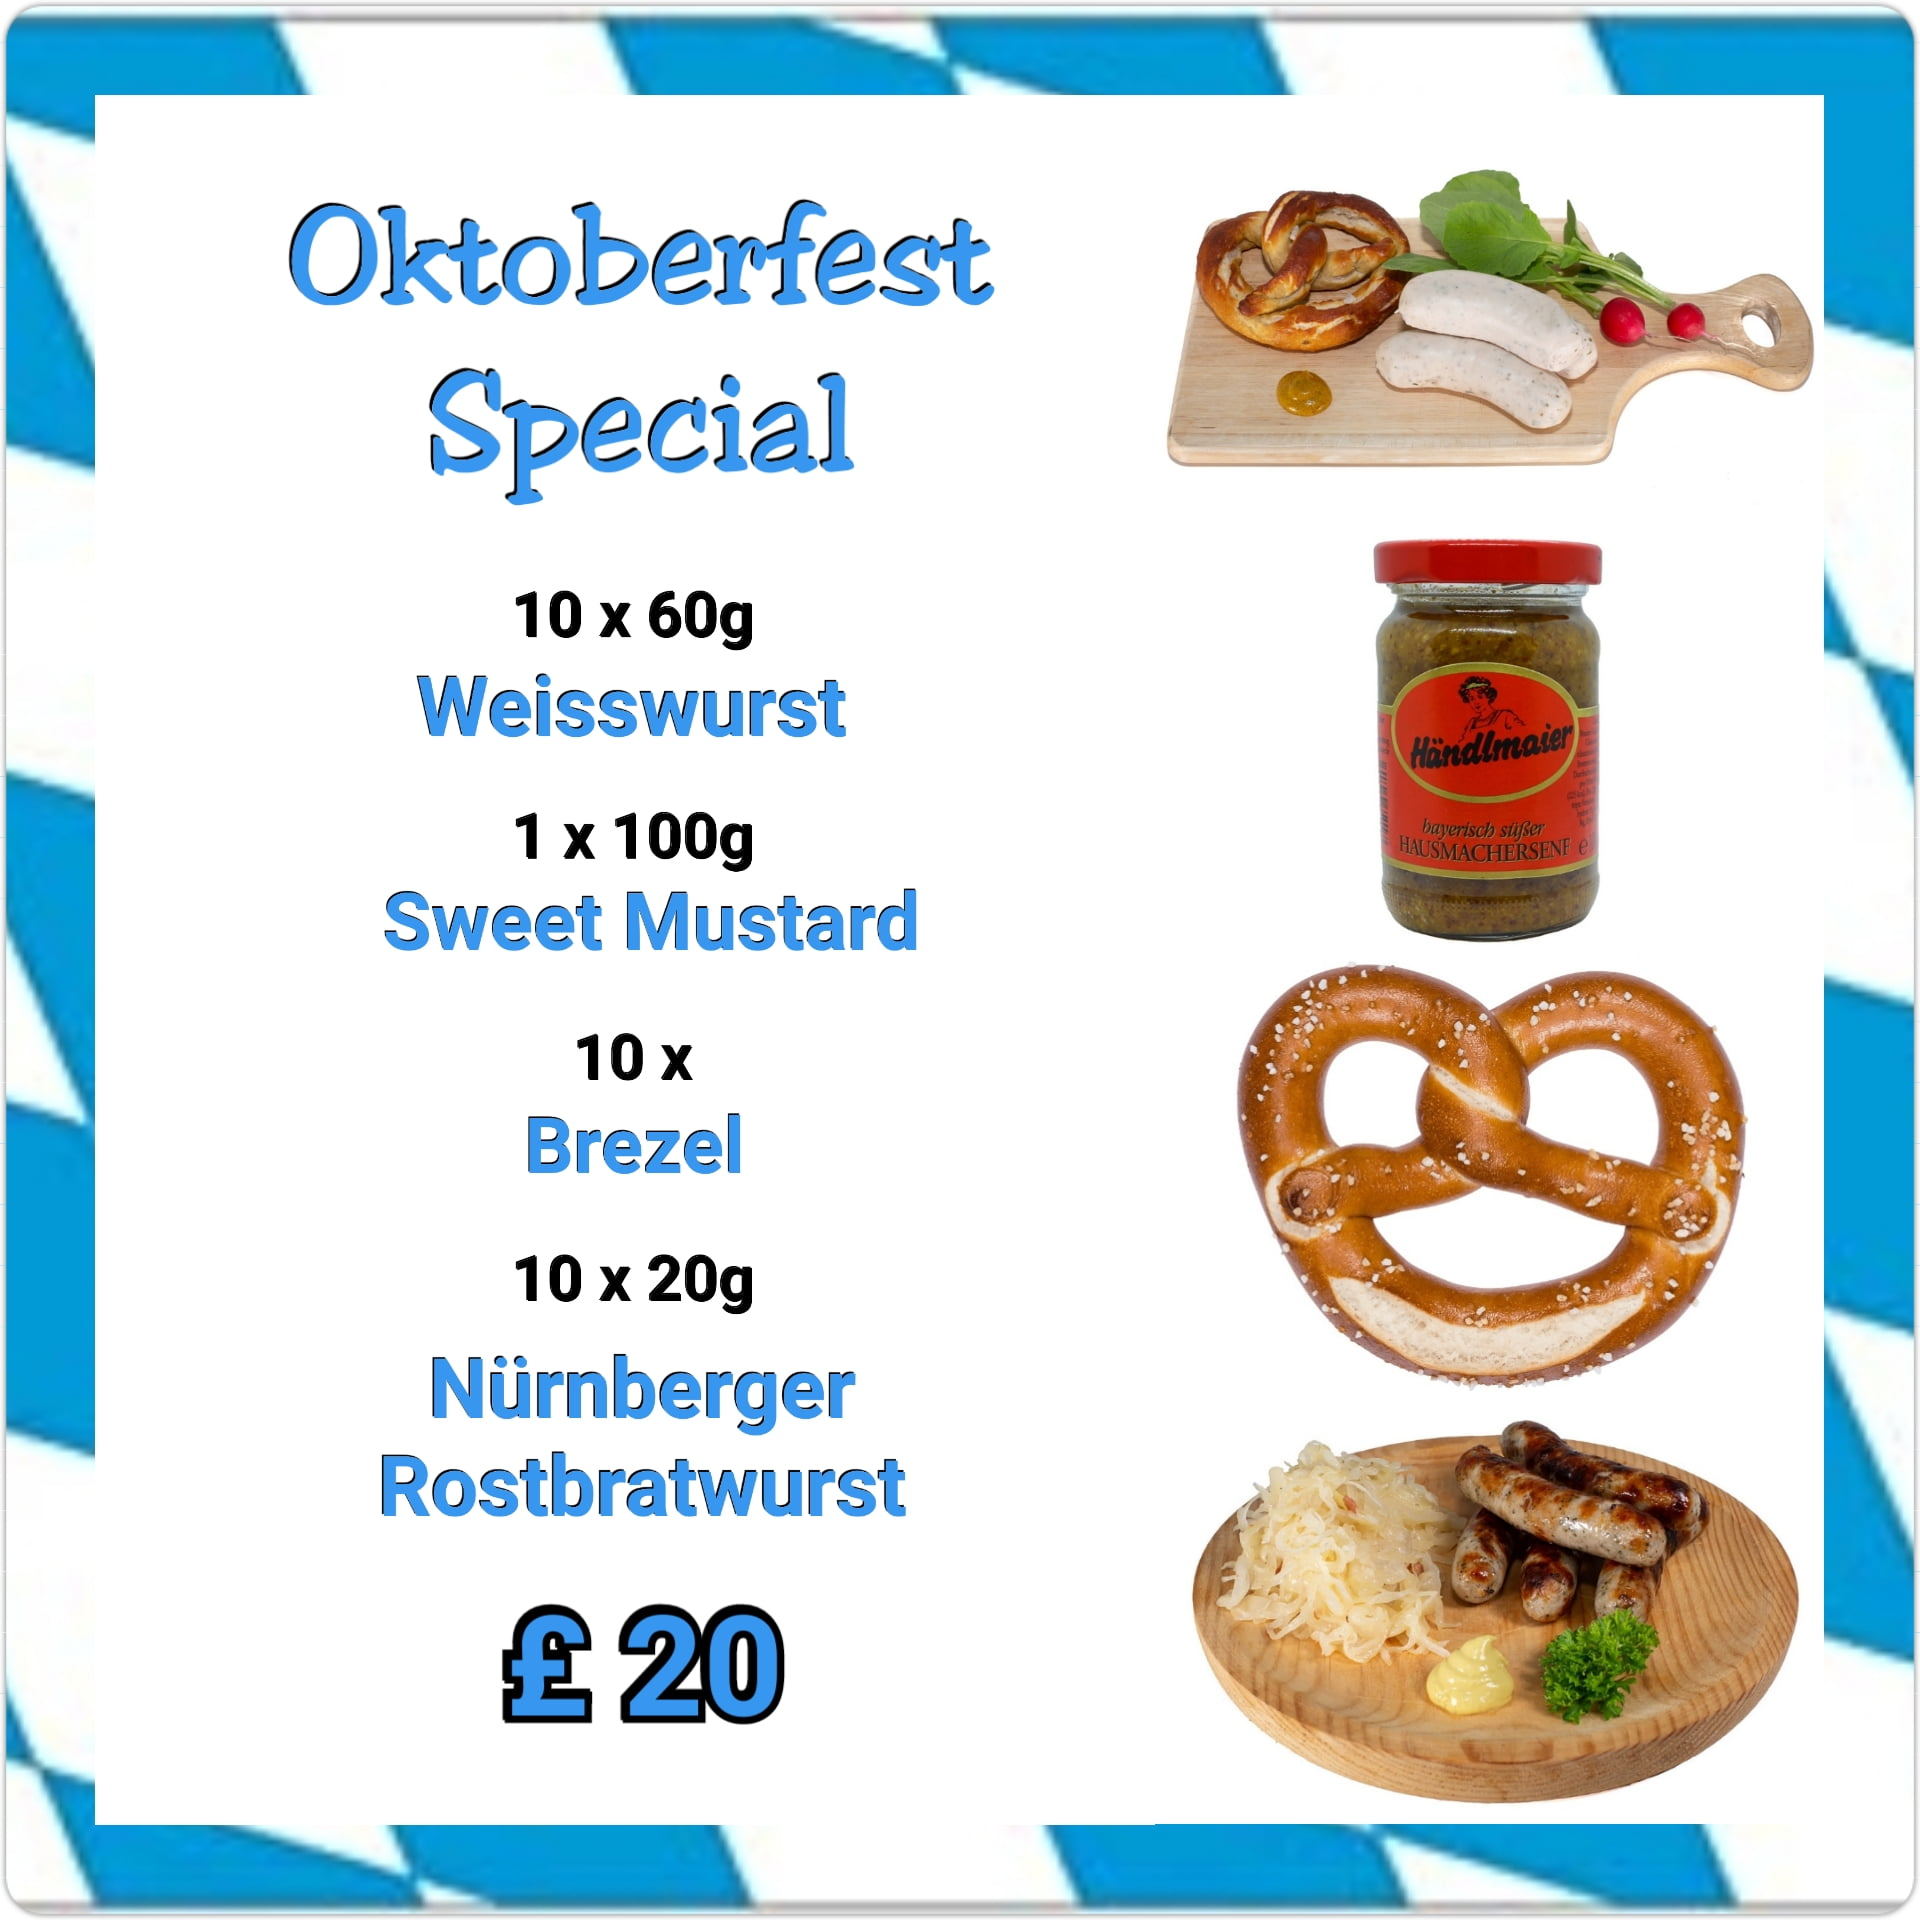 OktoberfestSpecial